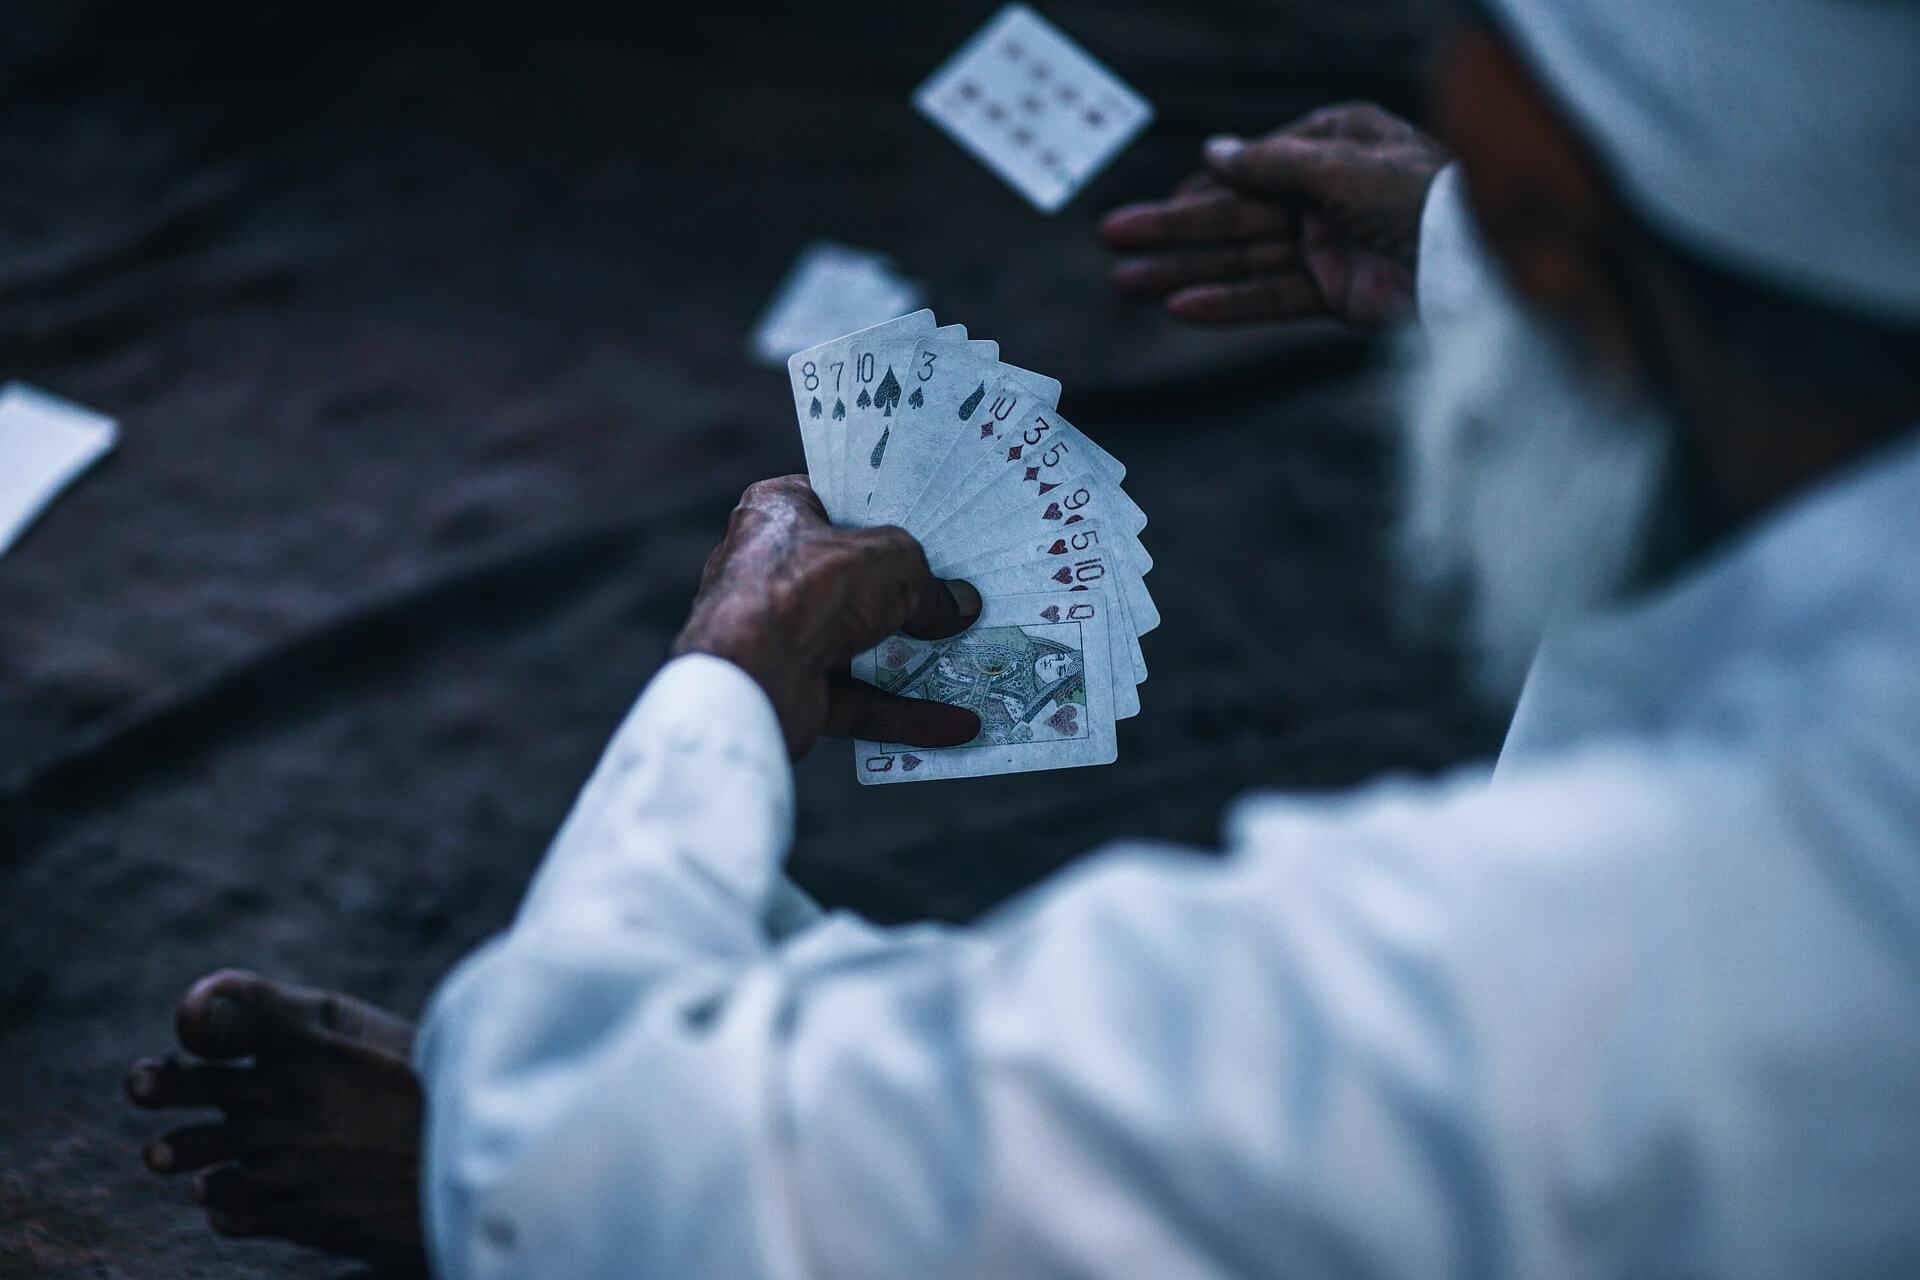 casinos et les paris sportifs,